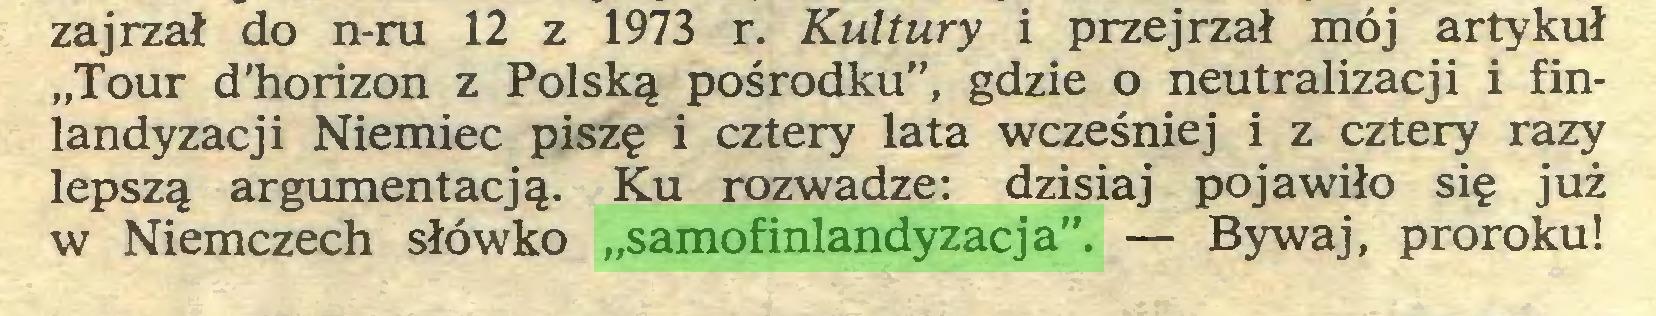 """(...) zajrzał do n-ru 12 z 1973 r. Kultury i przejrzał mój artykuł """"Tour d'horizon z Polską pośrodku"""", gdzie o neutralizacji i finlandyzacji Niemiec piszę i cztery lata wcześniej i z cztery razy lepszą argumentacją. Ku rozwadze: dzisiaj pojawiło się już w Niemczech słówko """"samofinlandyzacja"""". — Bywaj, proroku!..."""